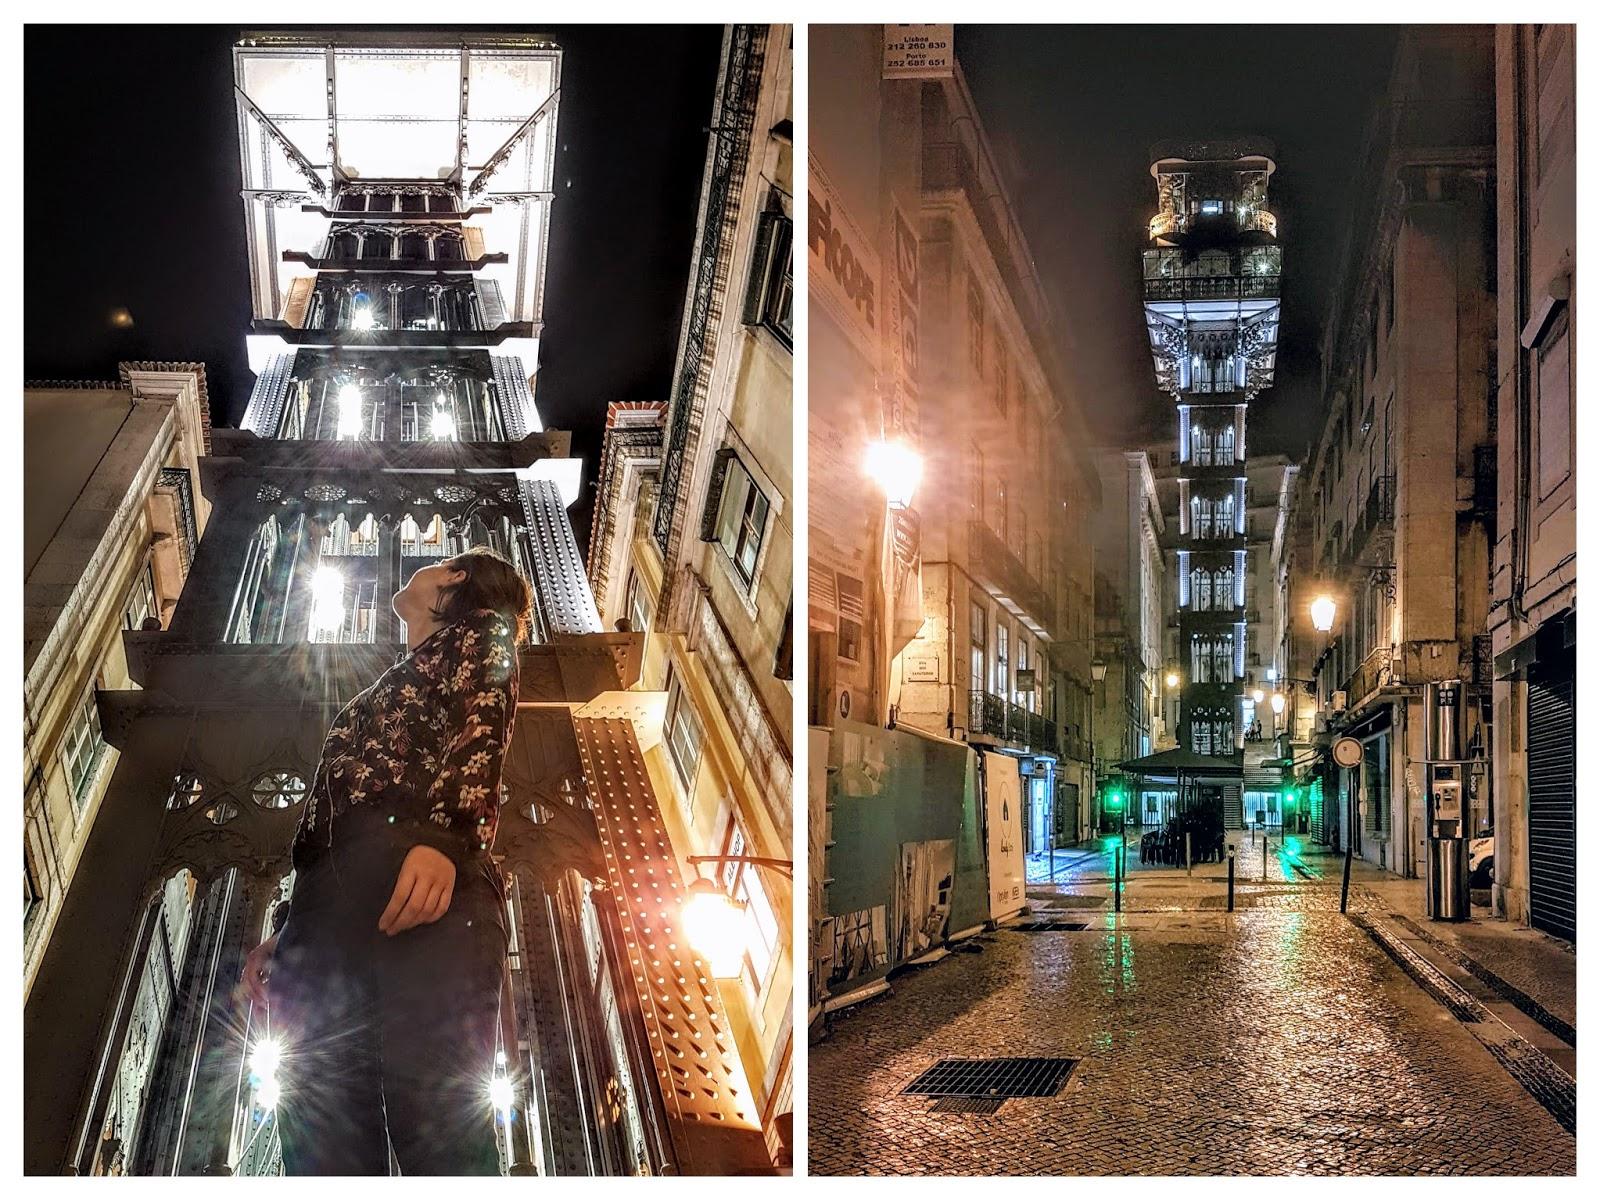 Santa Justa Lizbona